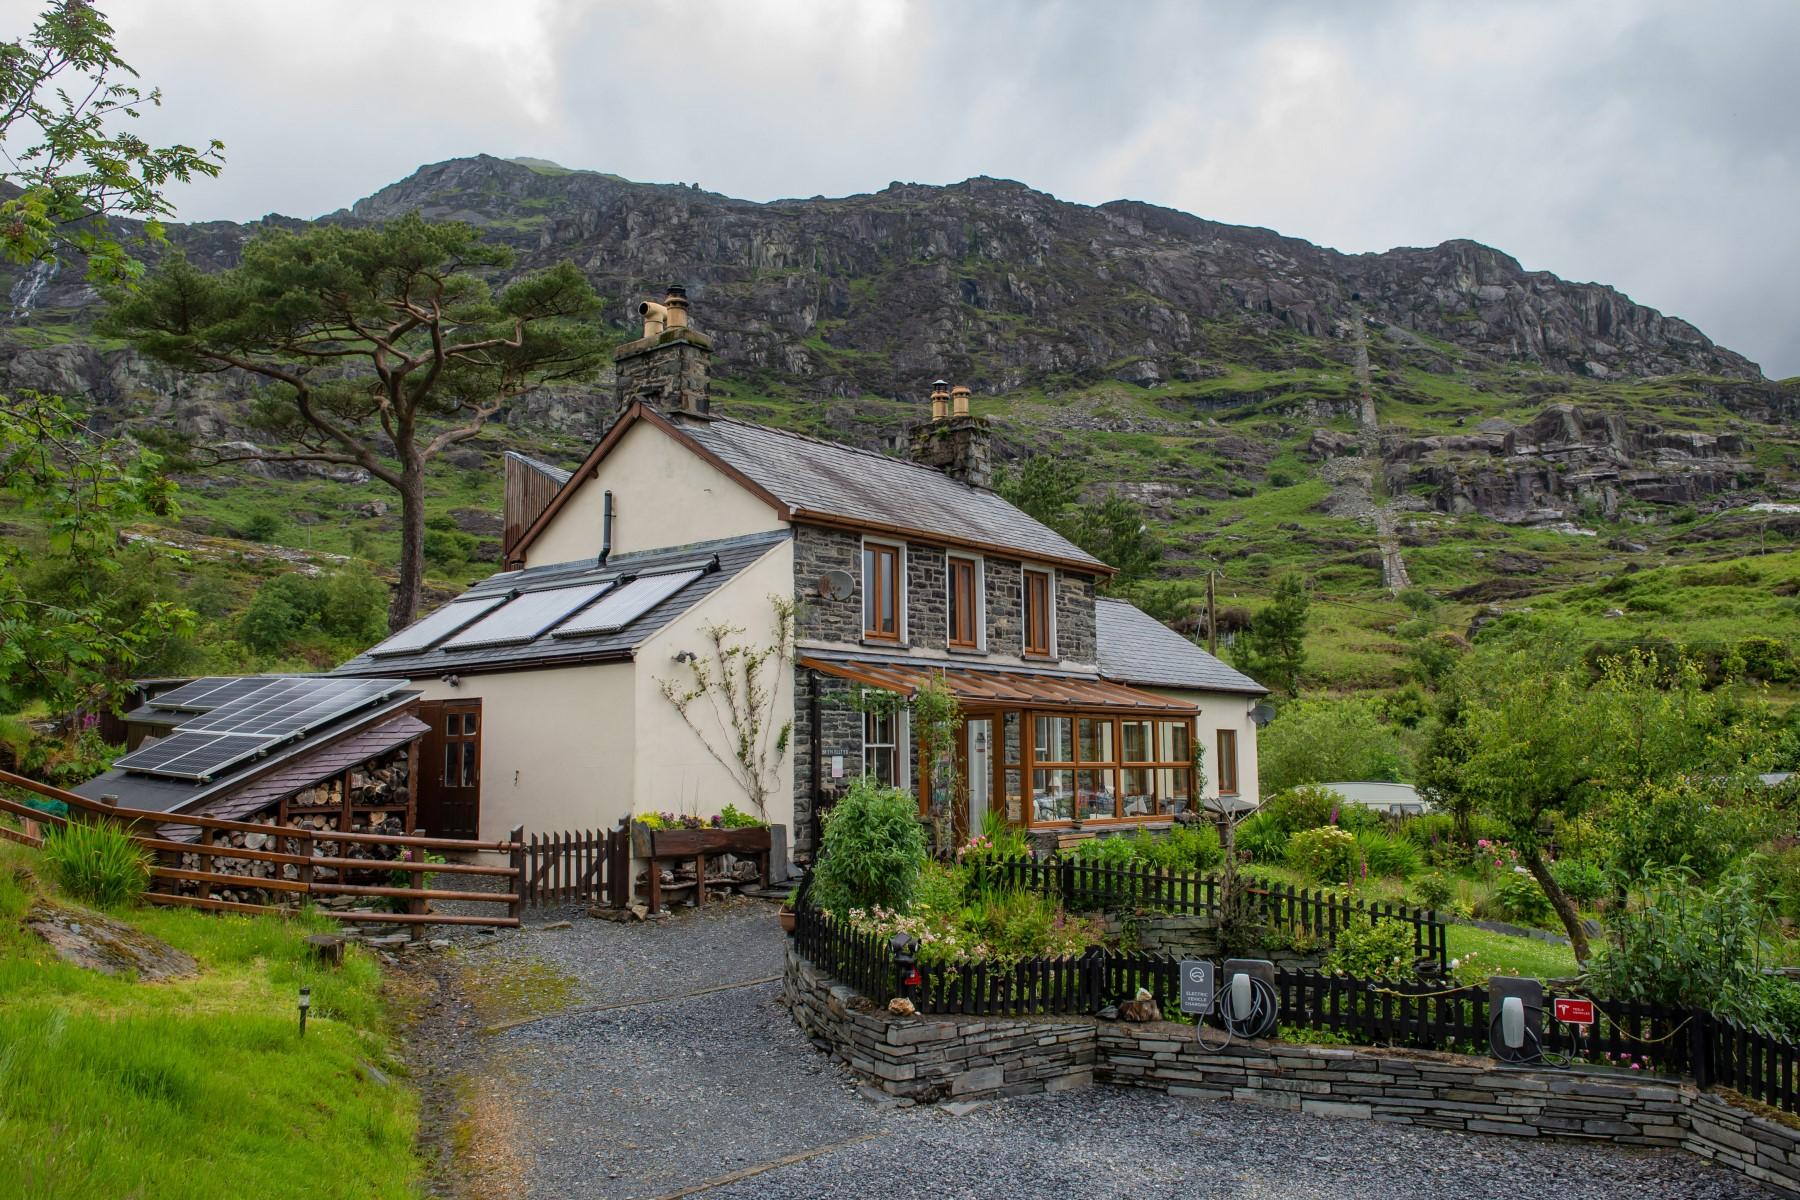 Bryn Elltyd Eco Guesthouse, Wales